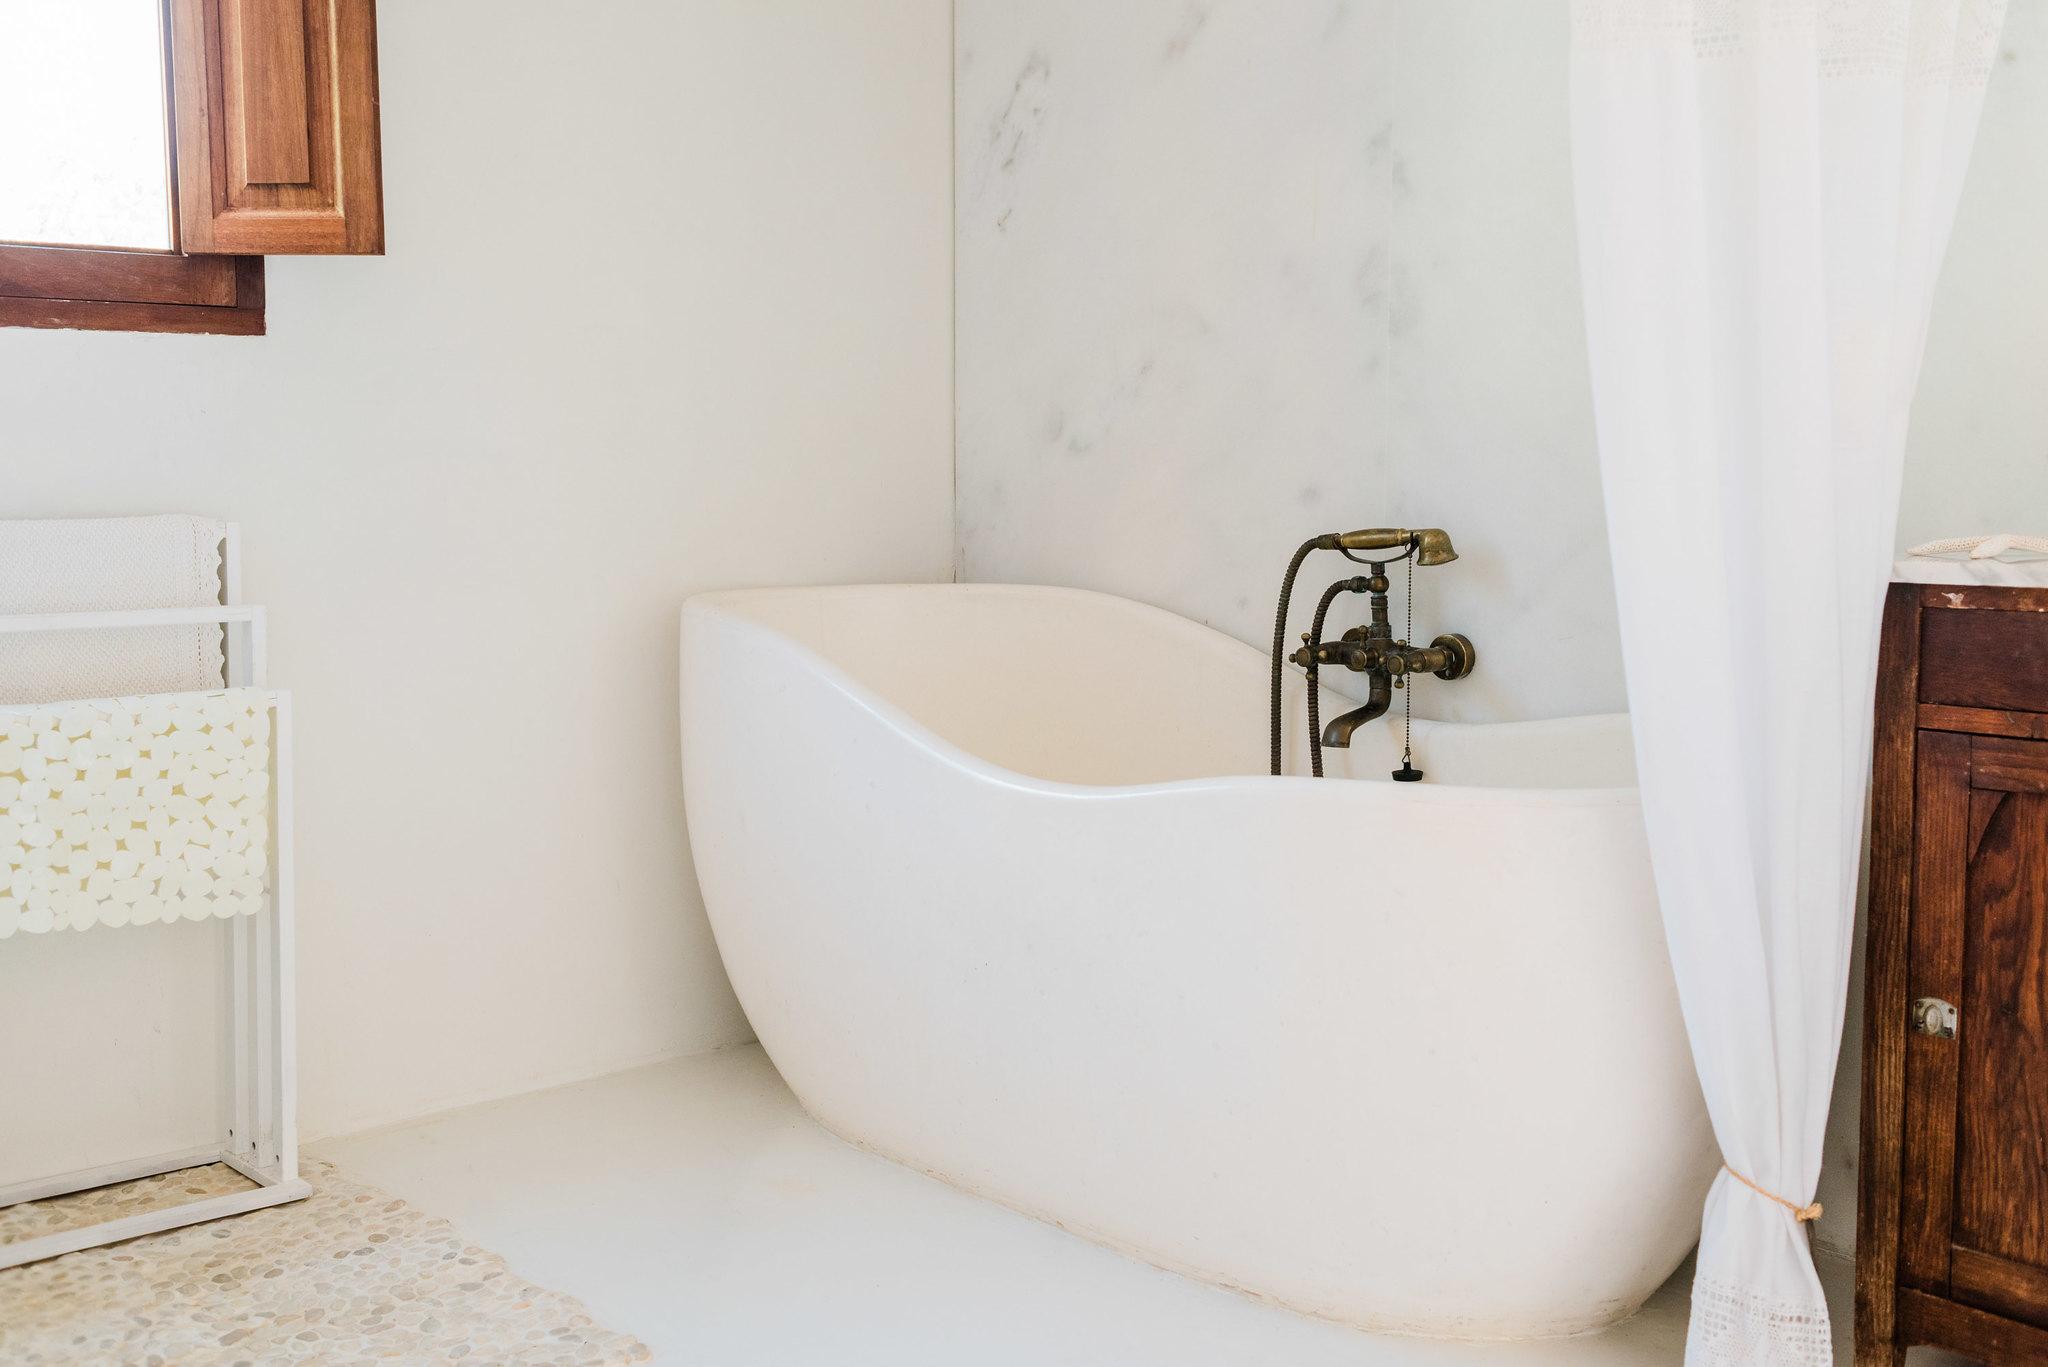 https://www.white-ibiza.com/wp-content/uploads/2020/06/white-ibiza-villas-los-corrales-interior-bathroom.jpg